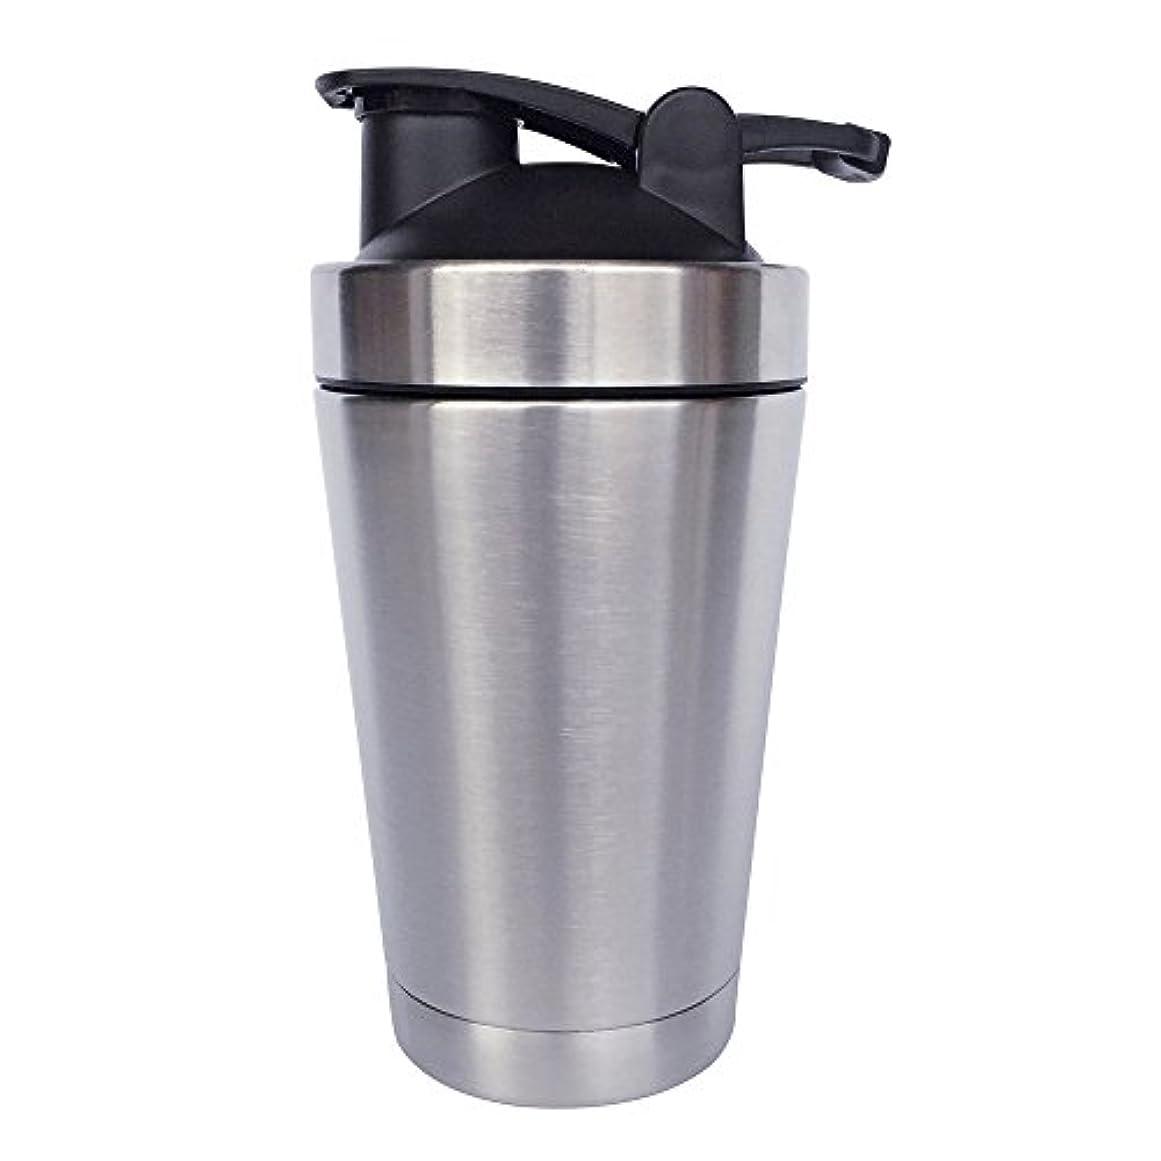 シェルター好色なフォーマルステンレス鋼 スポーツウォーターボトル タンパク質ミルクセーキシェーカー?カップ 振ってボール 小さいサイズ 500ml